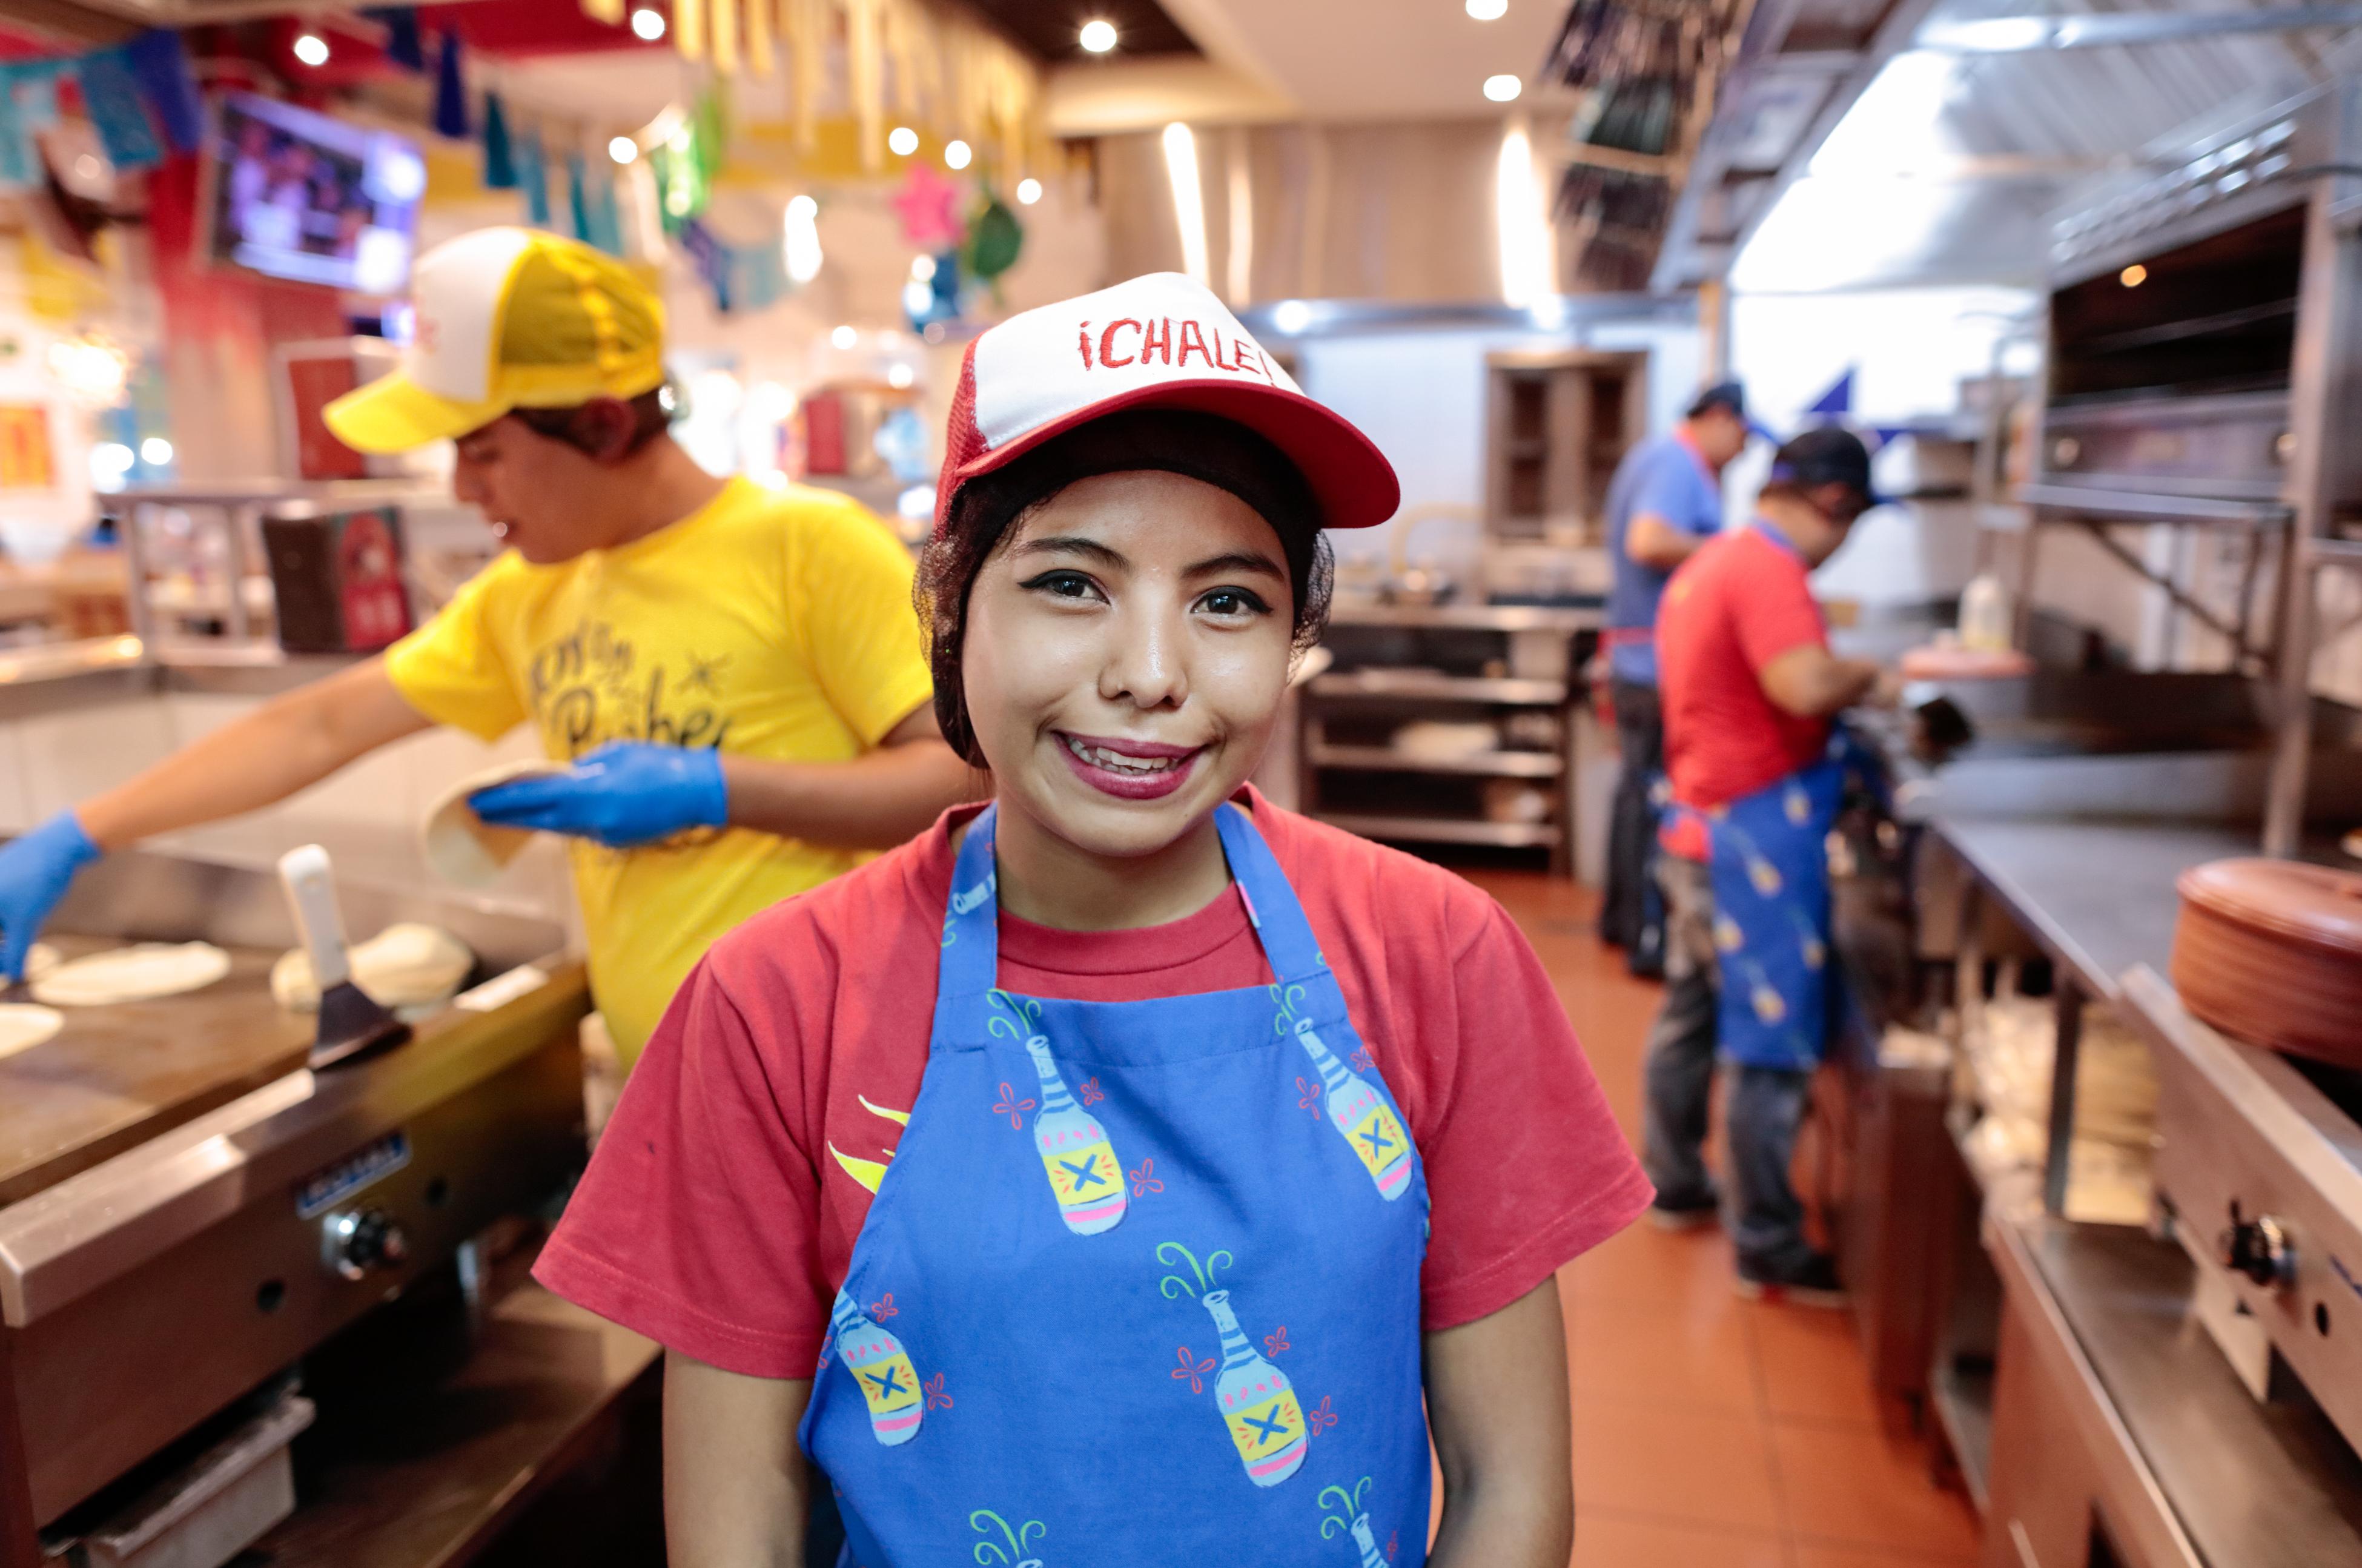 La vida de Yamileth Salgado, de 20 años cambió a través del programa Jóvenes Constructores, patrocinado por CRS. Yamileth se graduó del programa Jóvenes Constructores y ahora se encuentra trabajando en su primer trabajo formal en un reconocido restaurante en la Ciudad de Guatemala, Guatemala. Foto por Oscar Leiva/Silverlight.